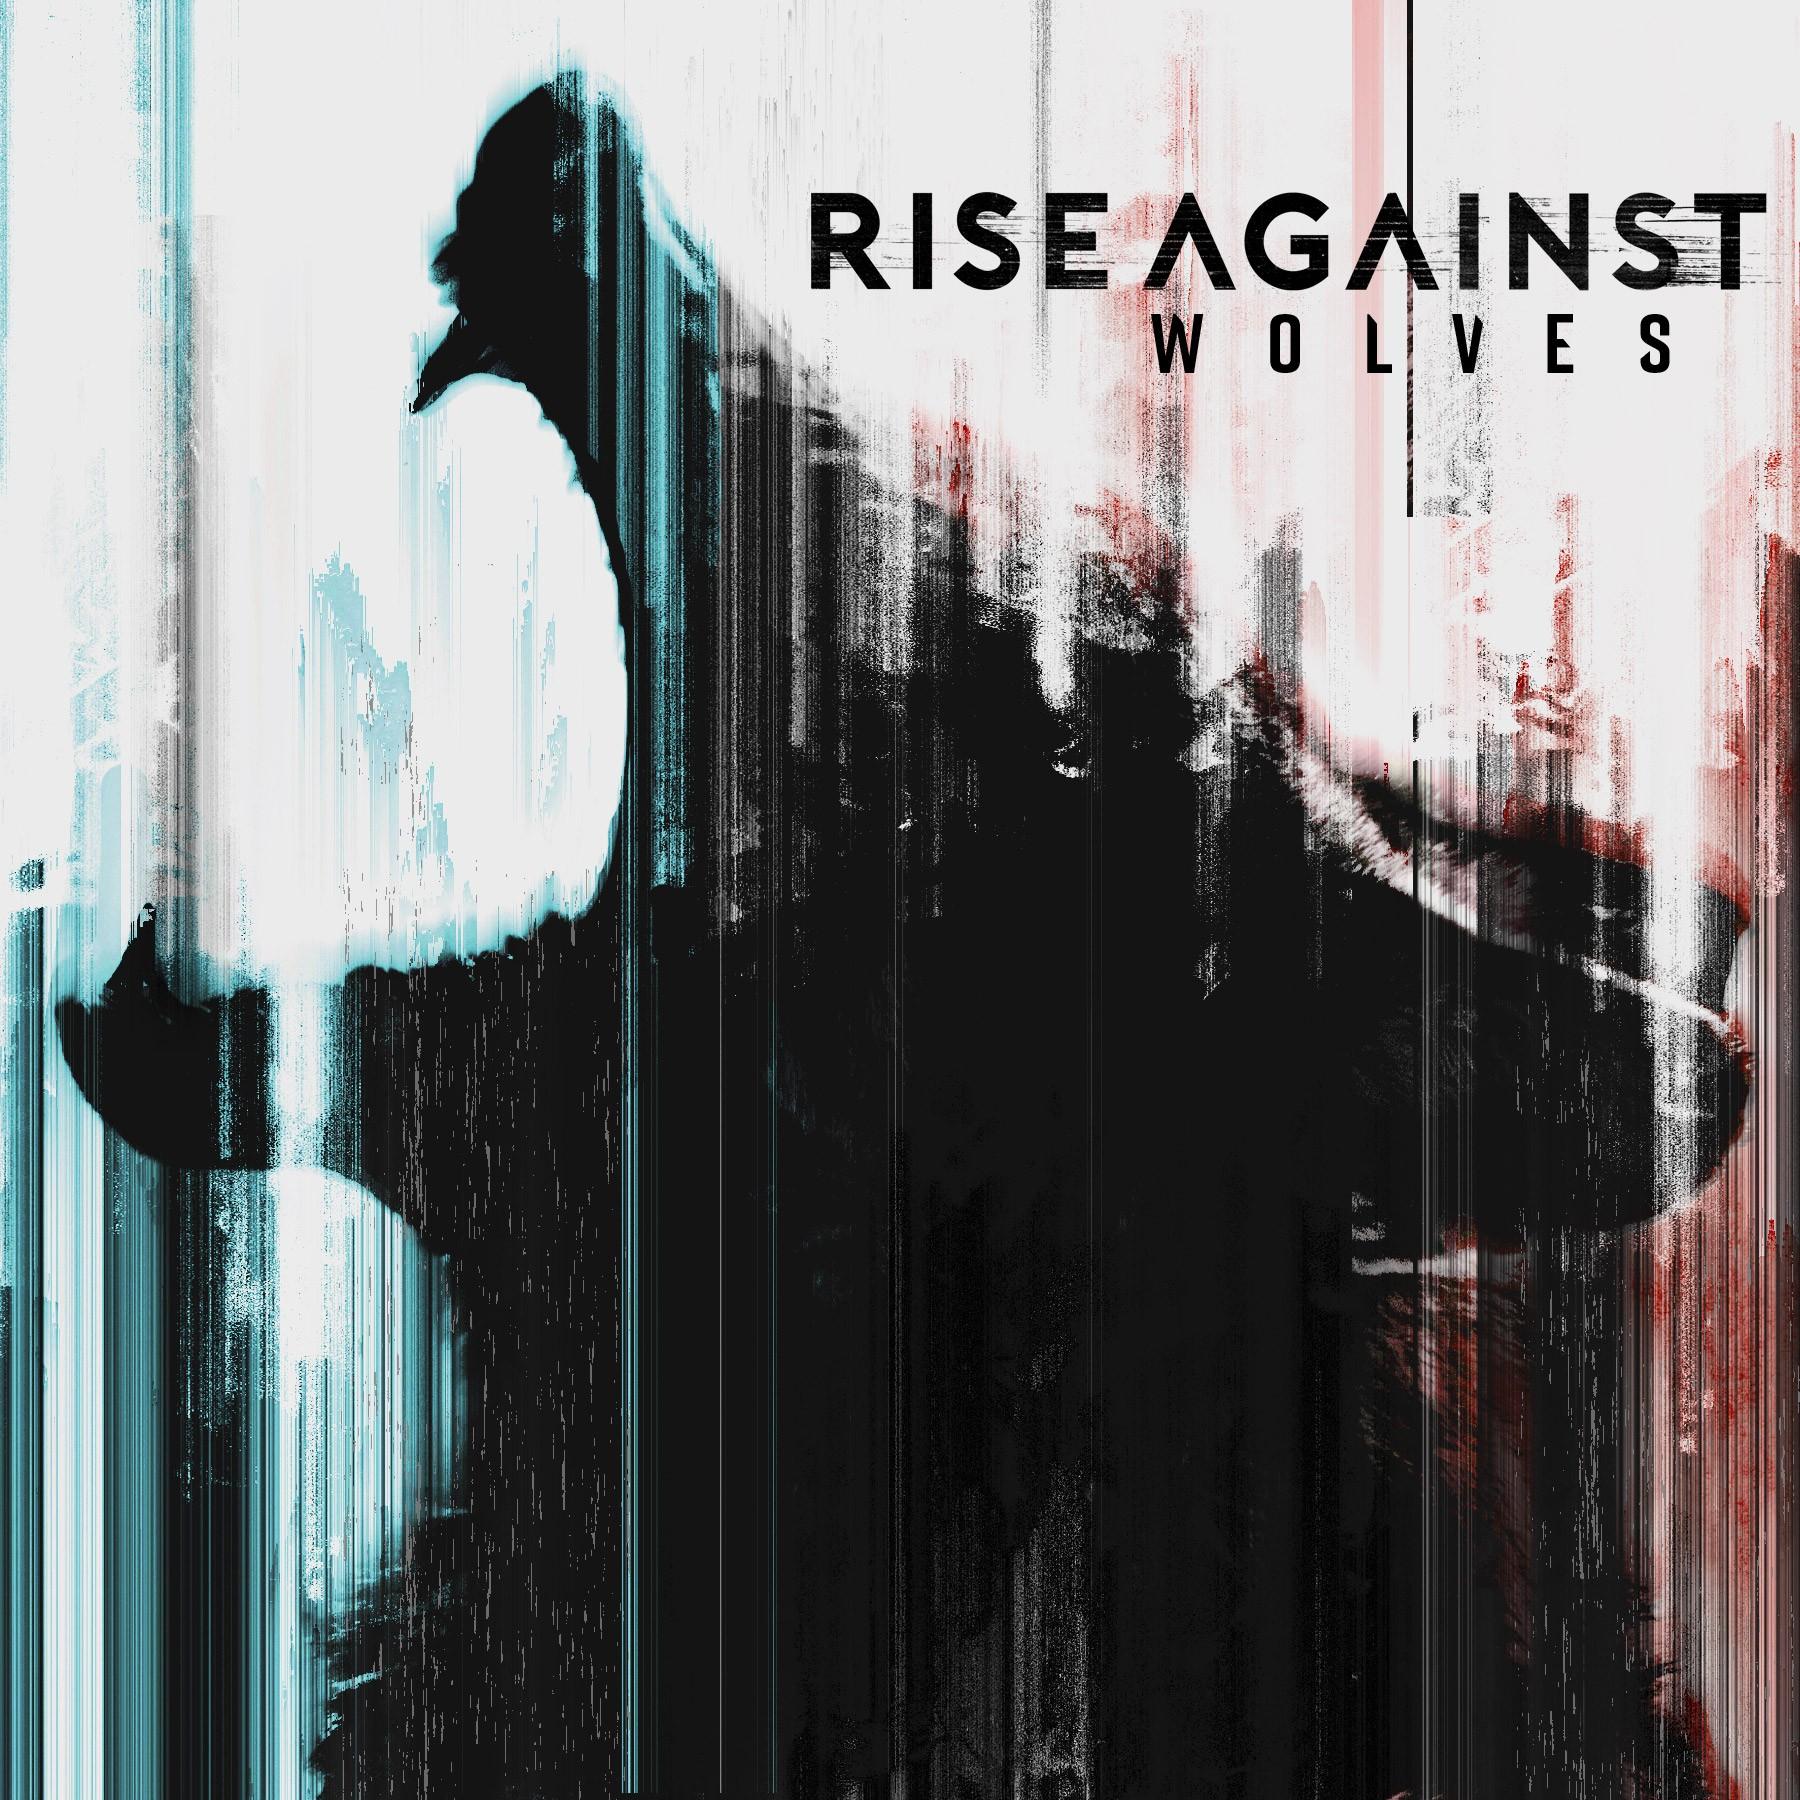 Rise Against - Wolves Cassette